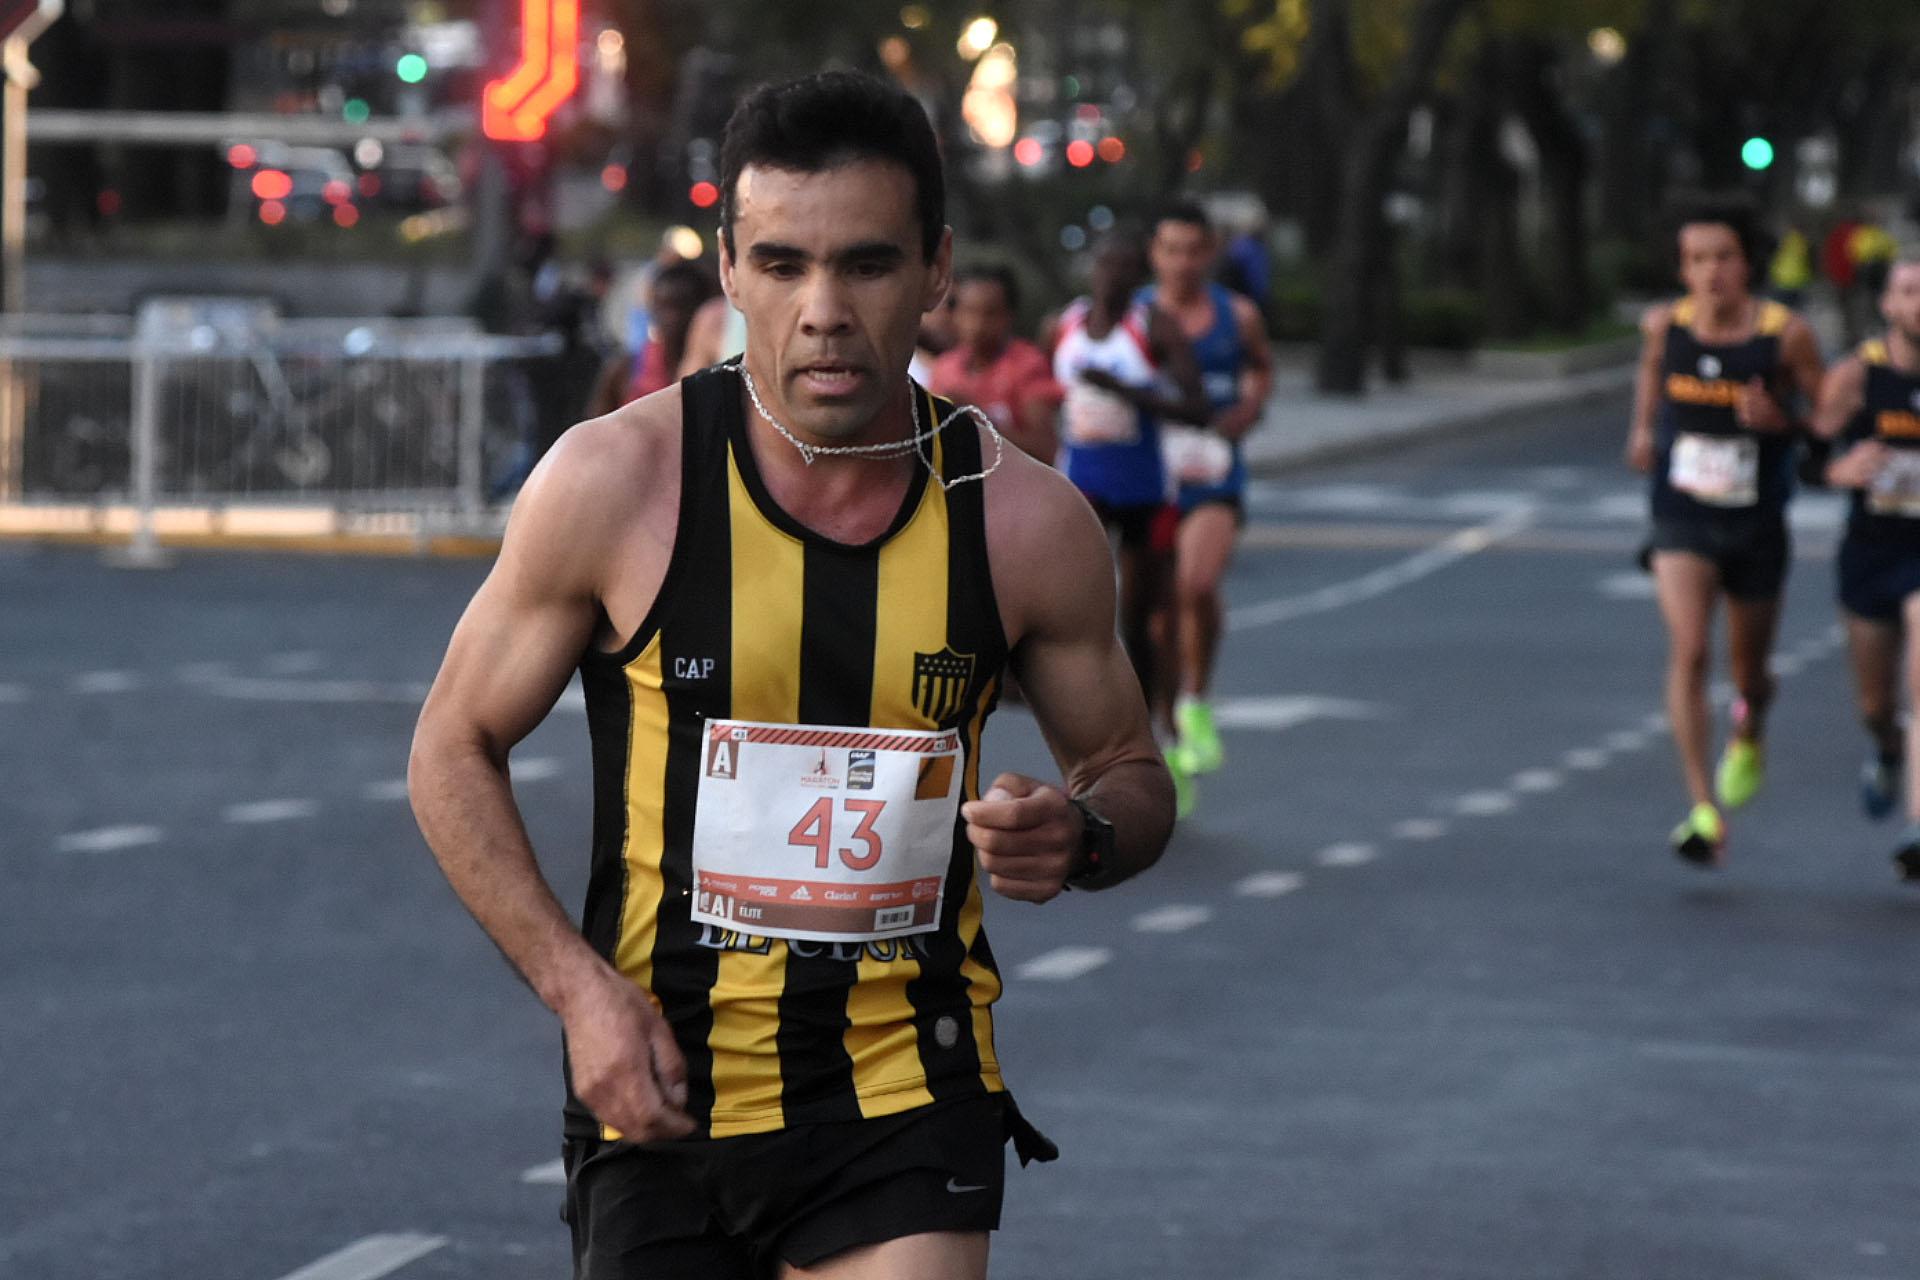 El vecino uruguayo que decidió participar de la maratón con la camiseta de Peñarol